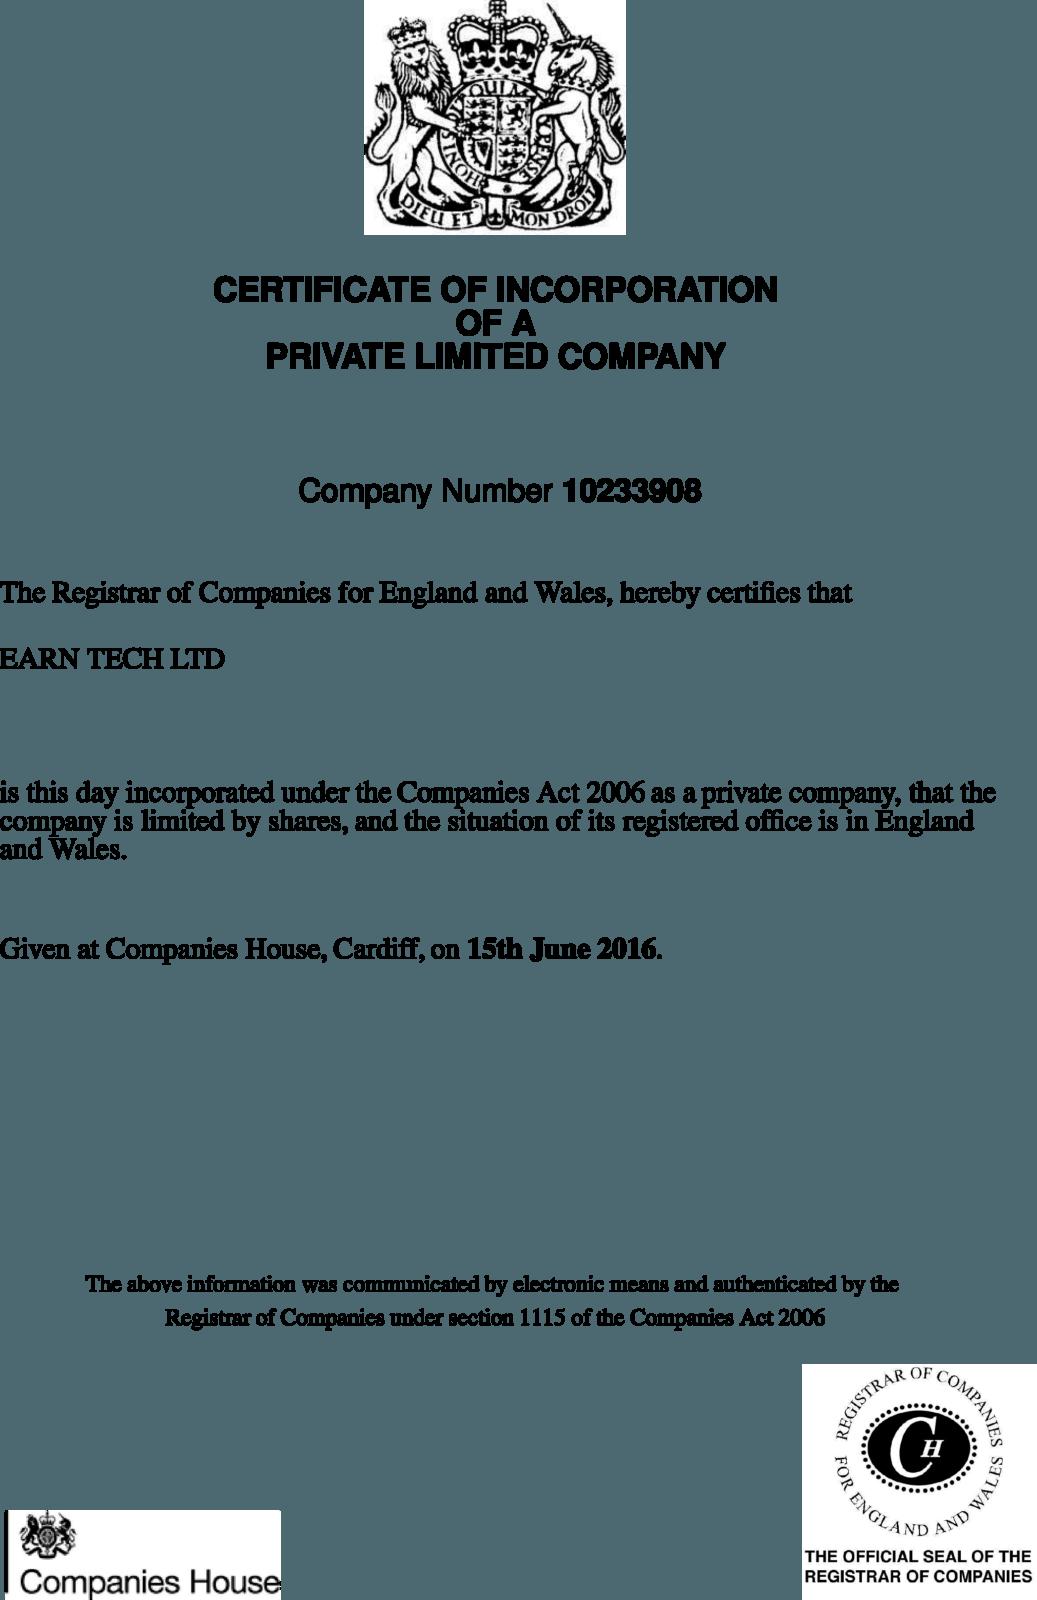 Свидетельство о регистрации Earn Tech